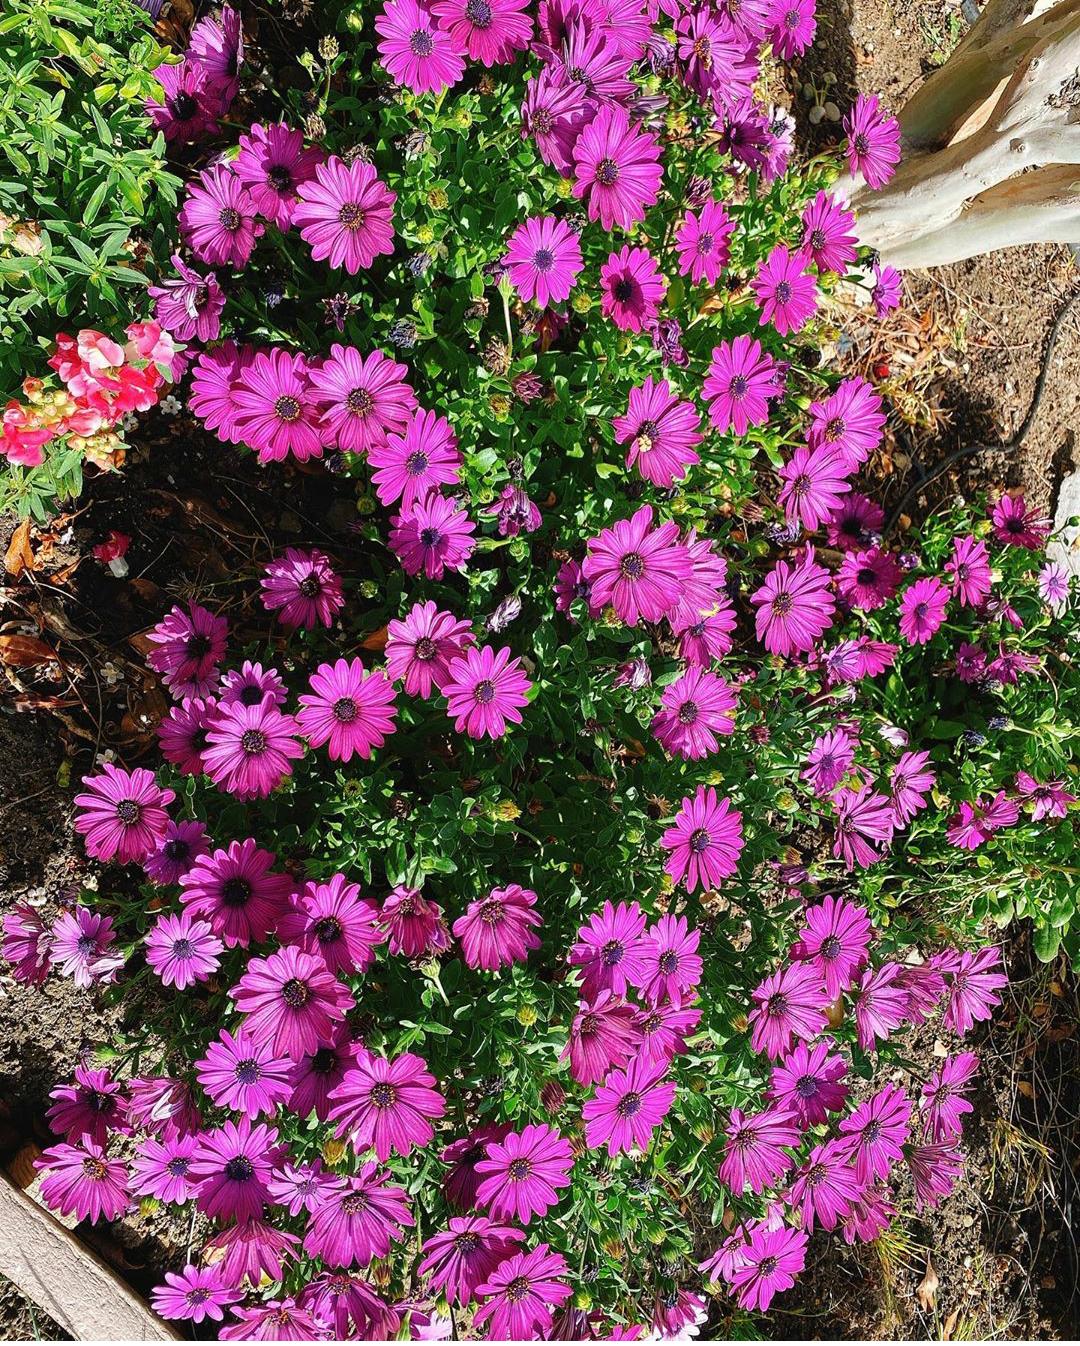 ...cùng một khu vườn đầy các loài hoa mà người đẹp yêu thích!